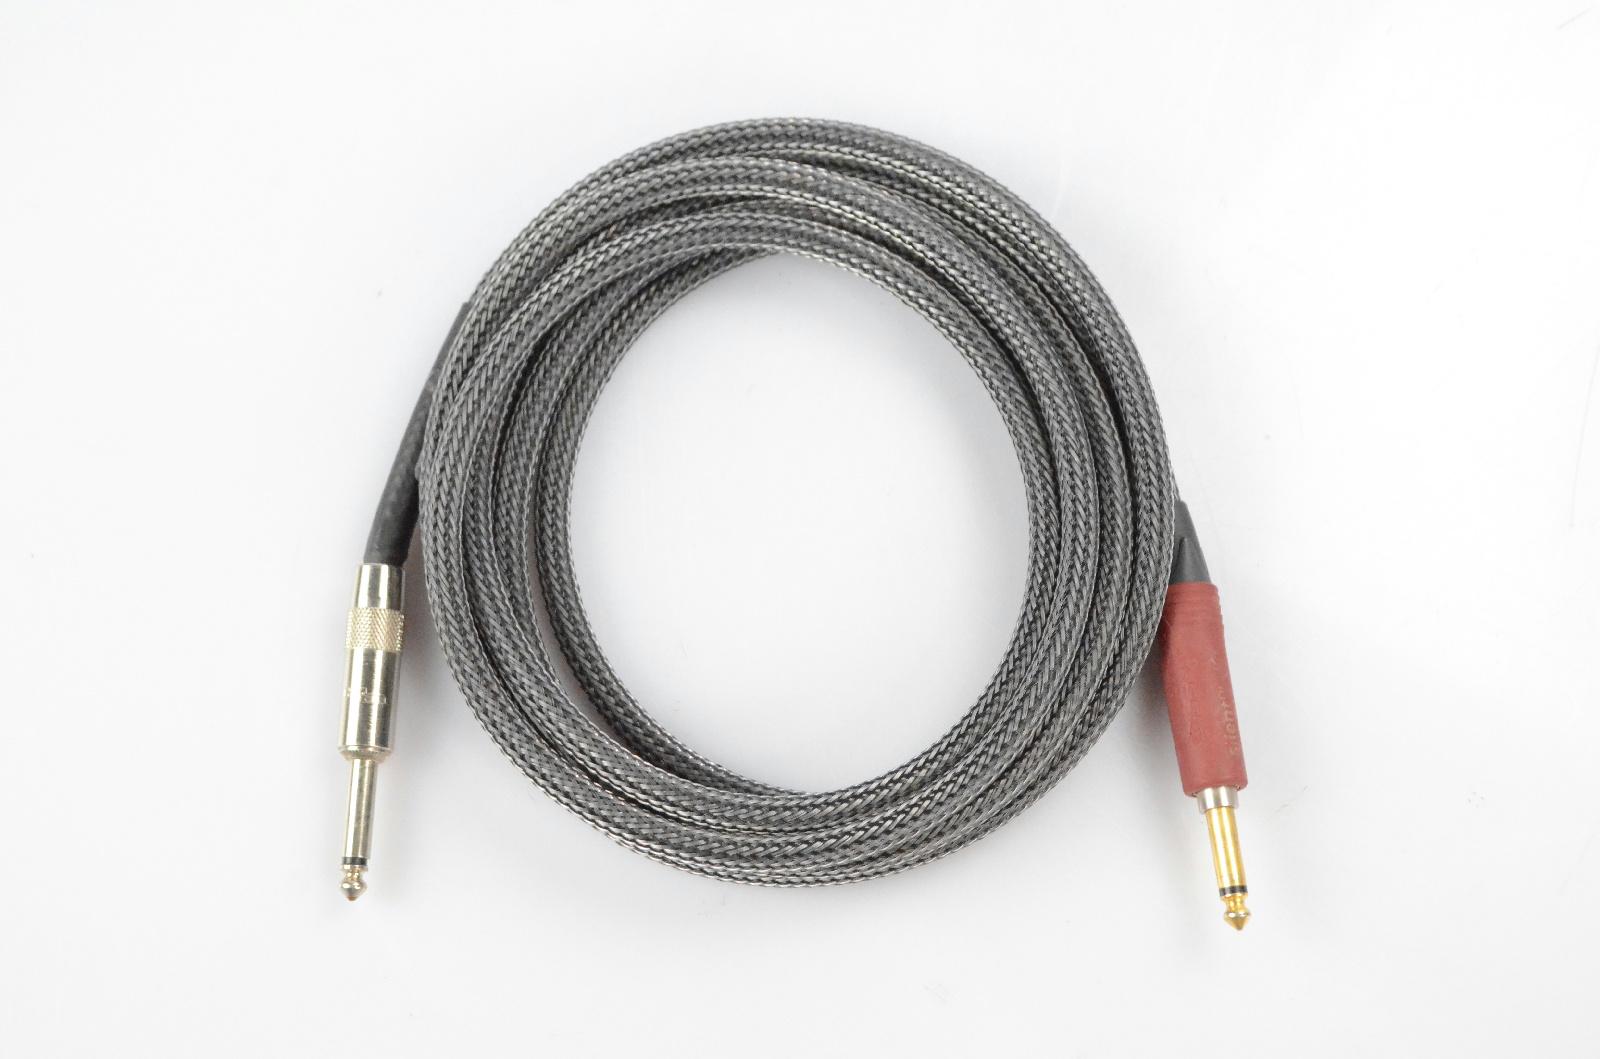 """Divine Noise 10' Tech Flex 1/4"""" Cable Silent Plug Owned by Kato Khandwala #33868"""